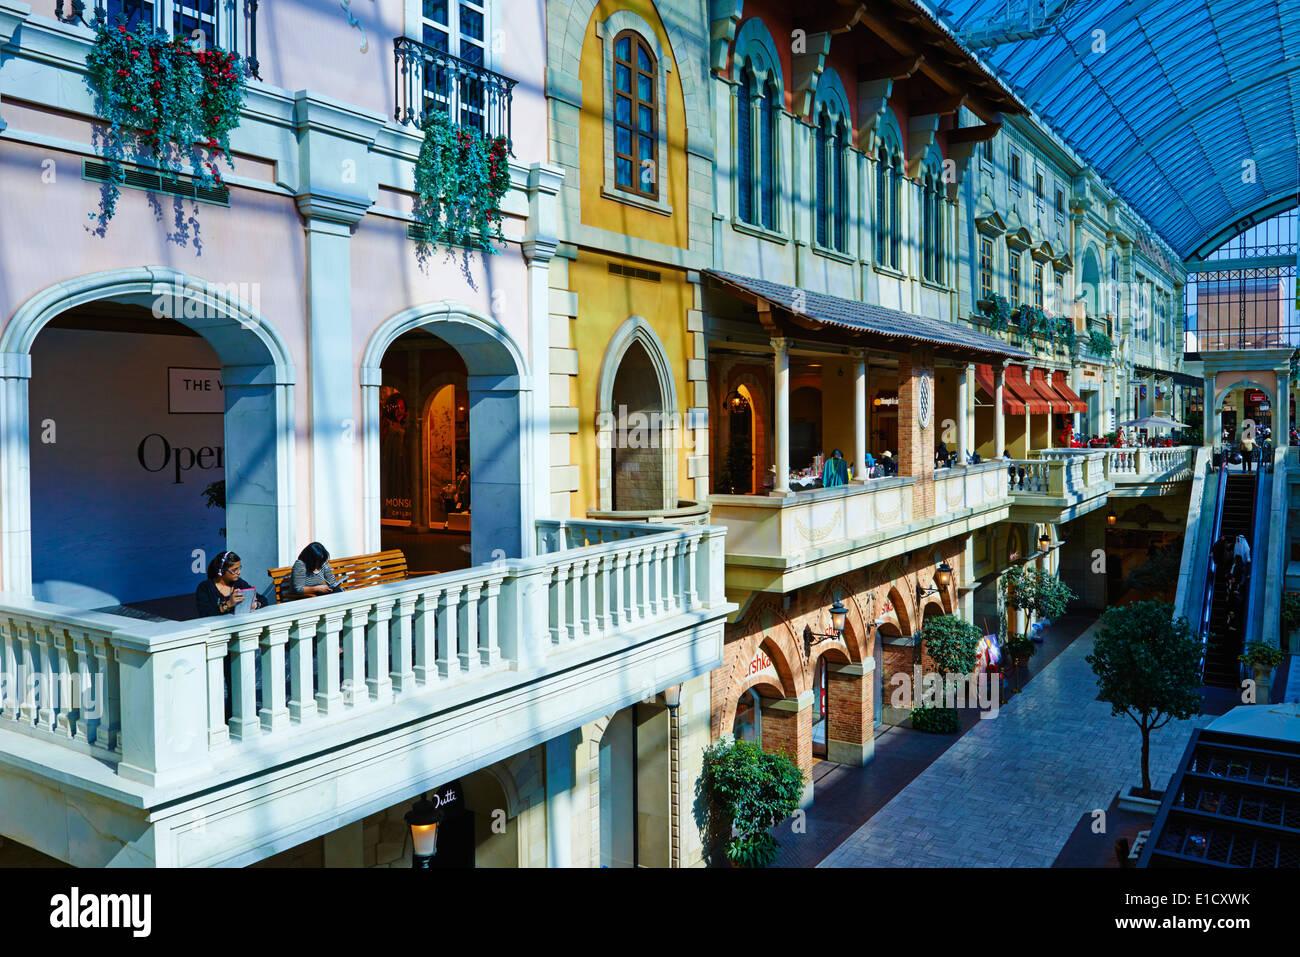 Emirats Arabes Unis, Dubai Jumeirah, quartier, centre commercial Mercato, style italien Banque D'Images